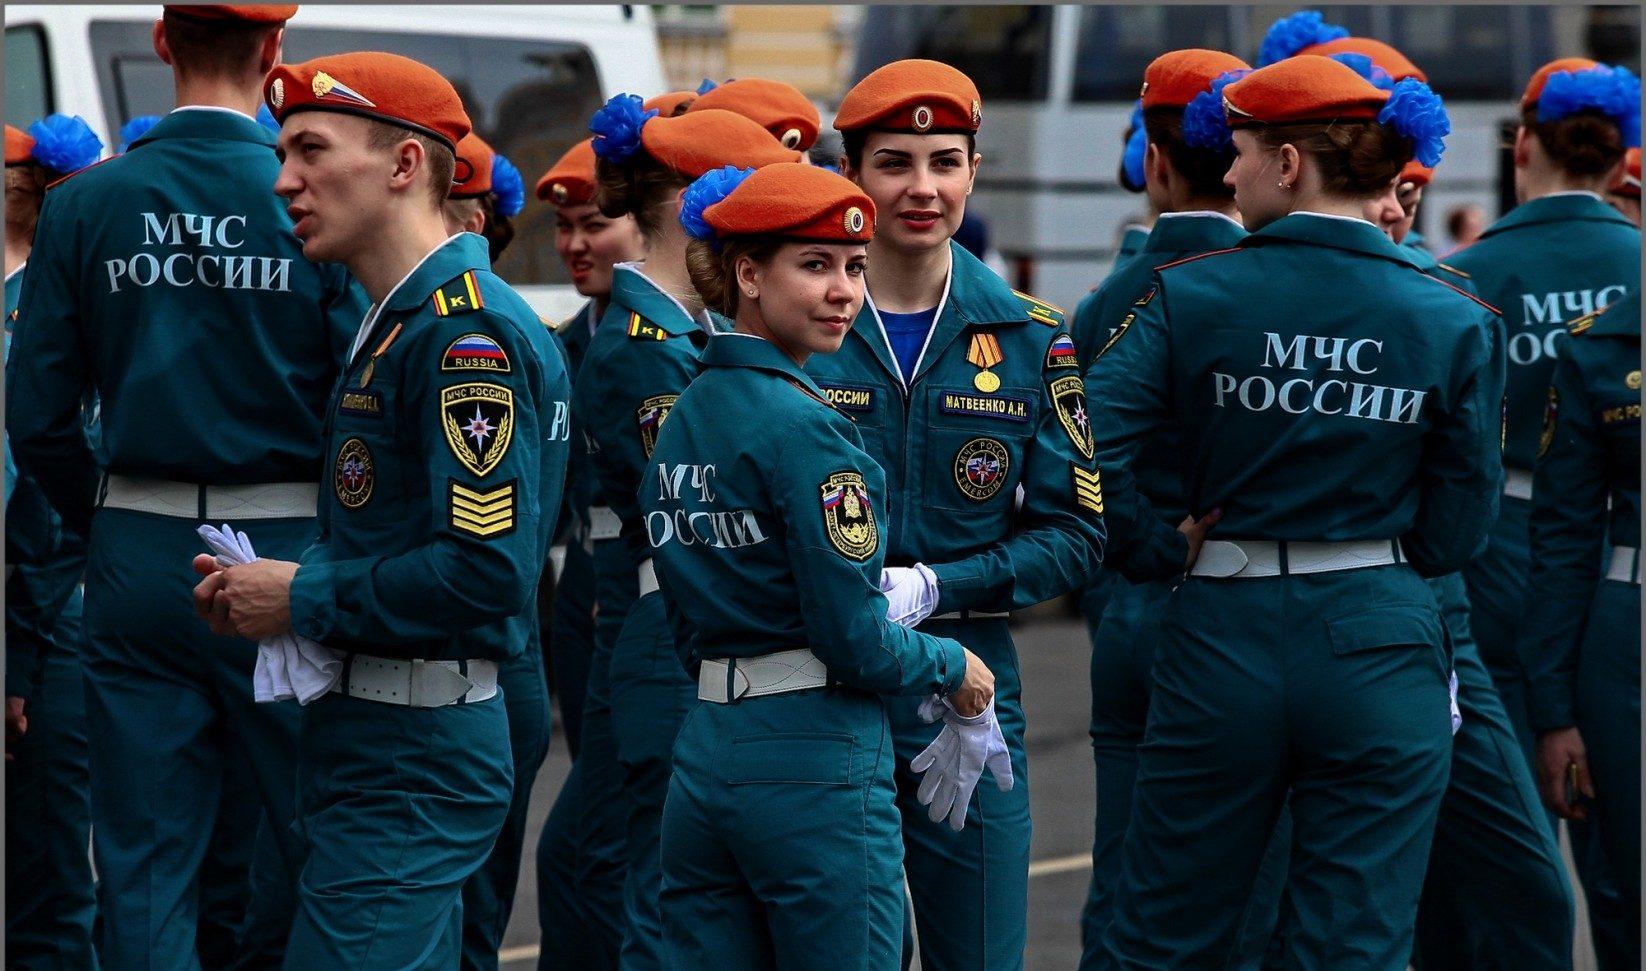 Мчс россии фото и картинки